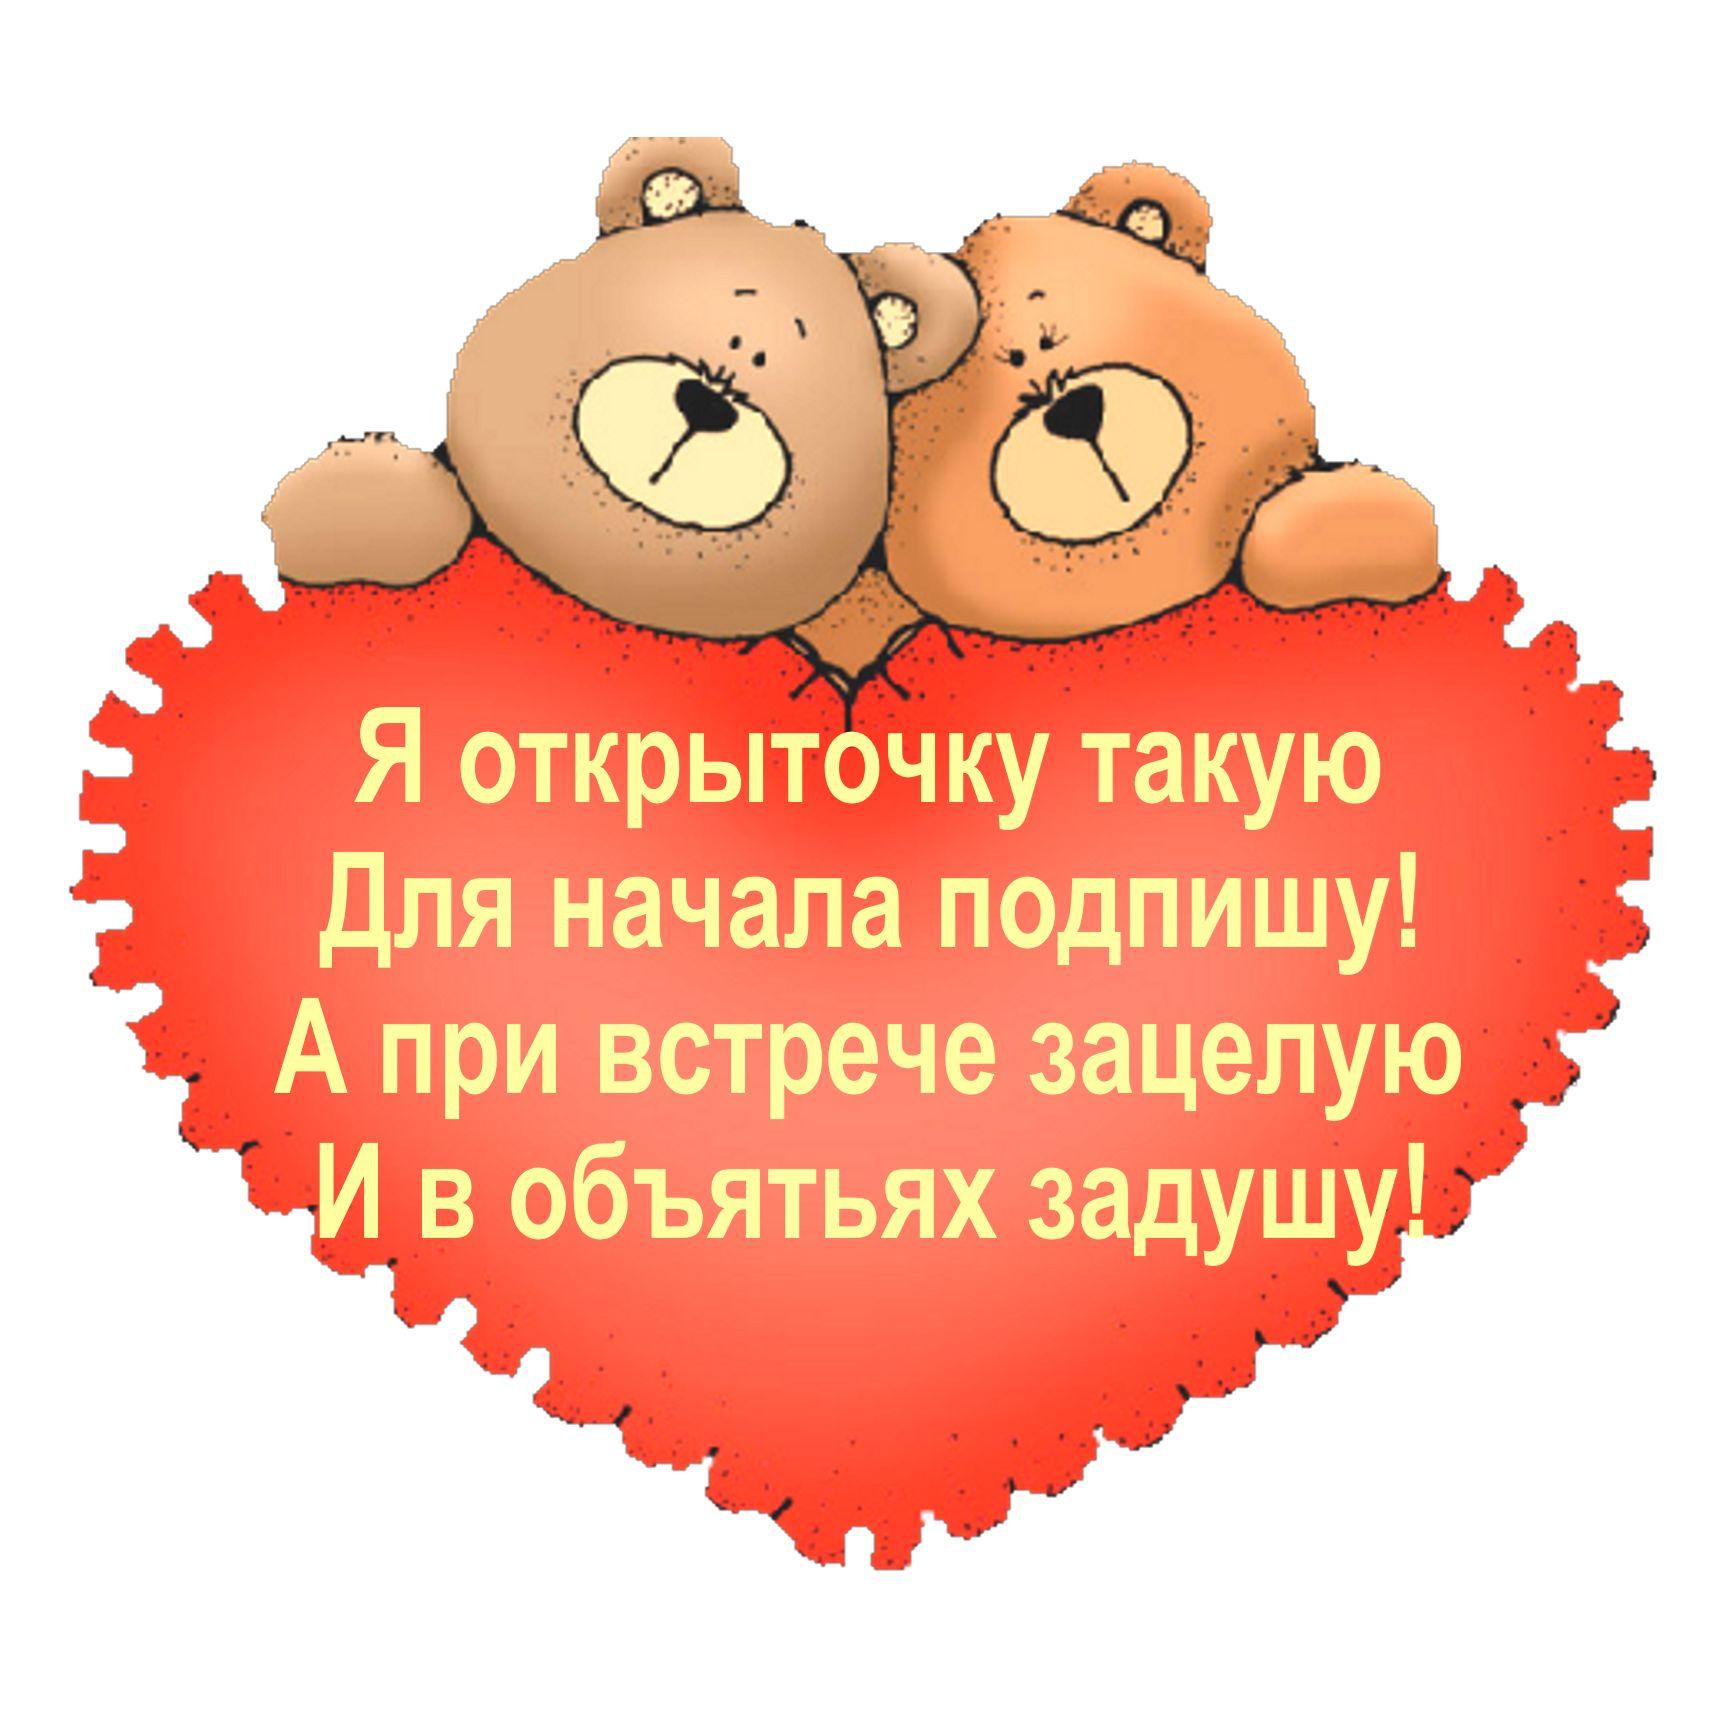 Поздравления к дню валентина для мужа